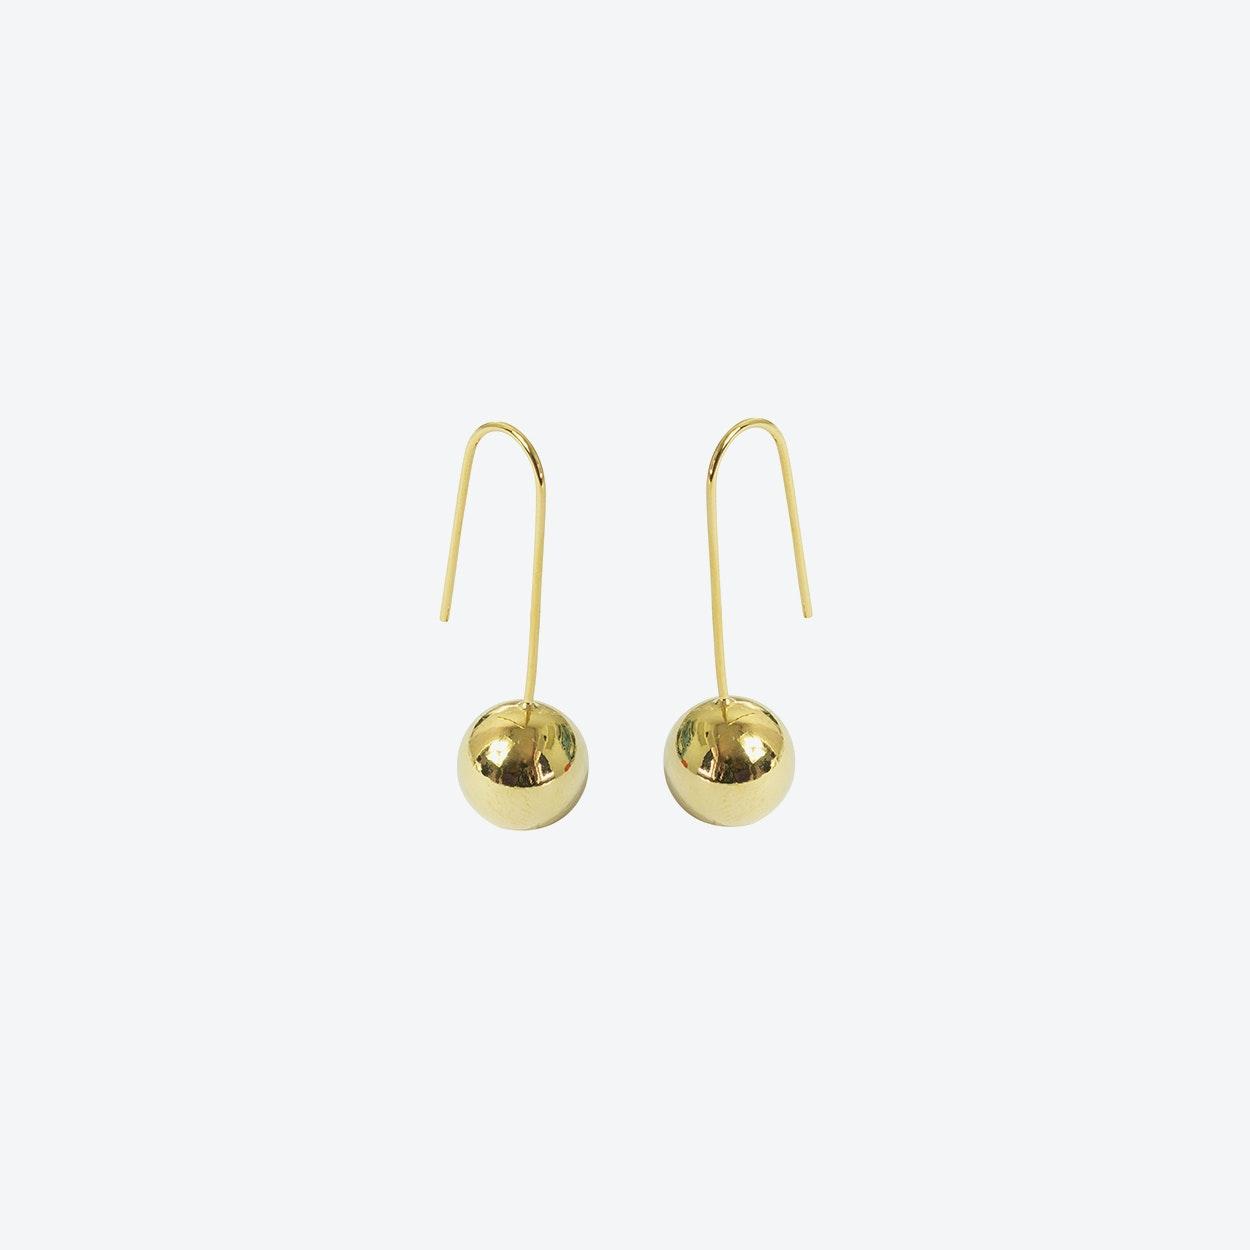 18k Gold Ball Drop Earring On Wire Hook